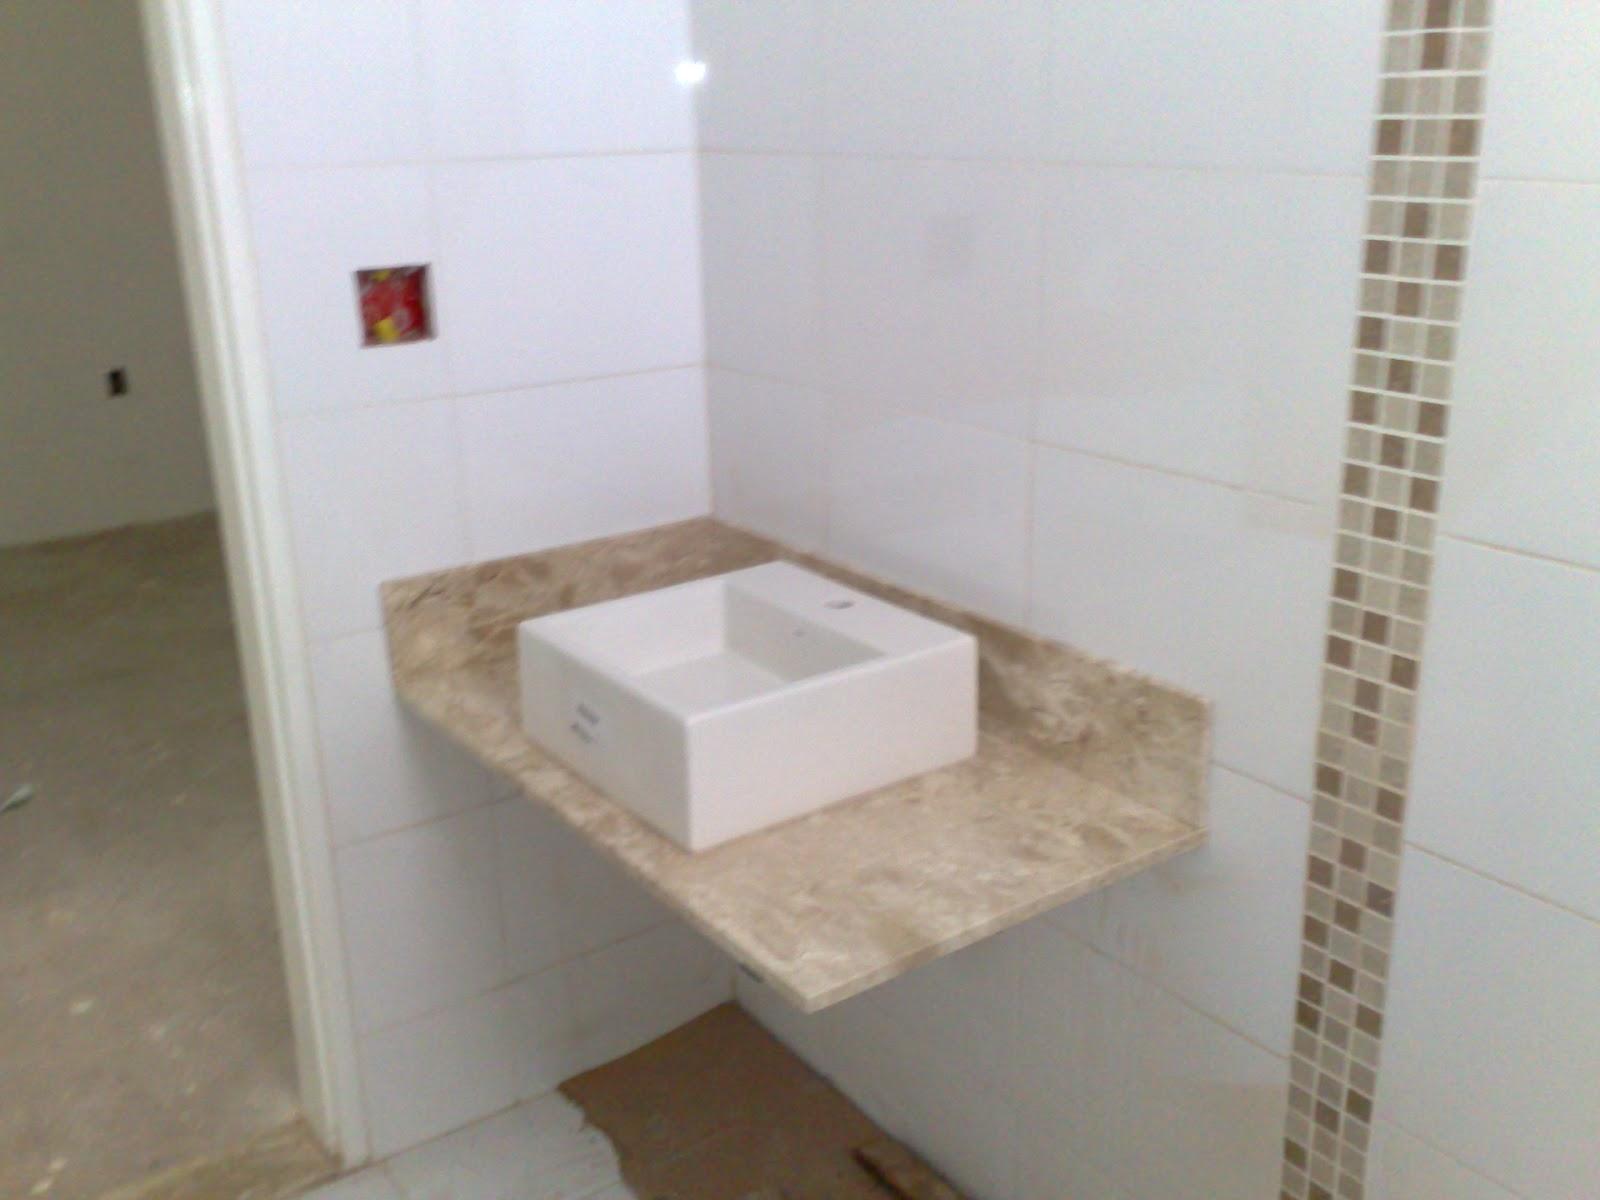 Passo a passo da construção da minha primeira casa #4F3F2C 1600x1200 Bancada De Vidro Para Banheiro   Rj